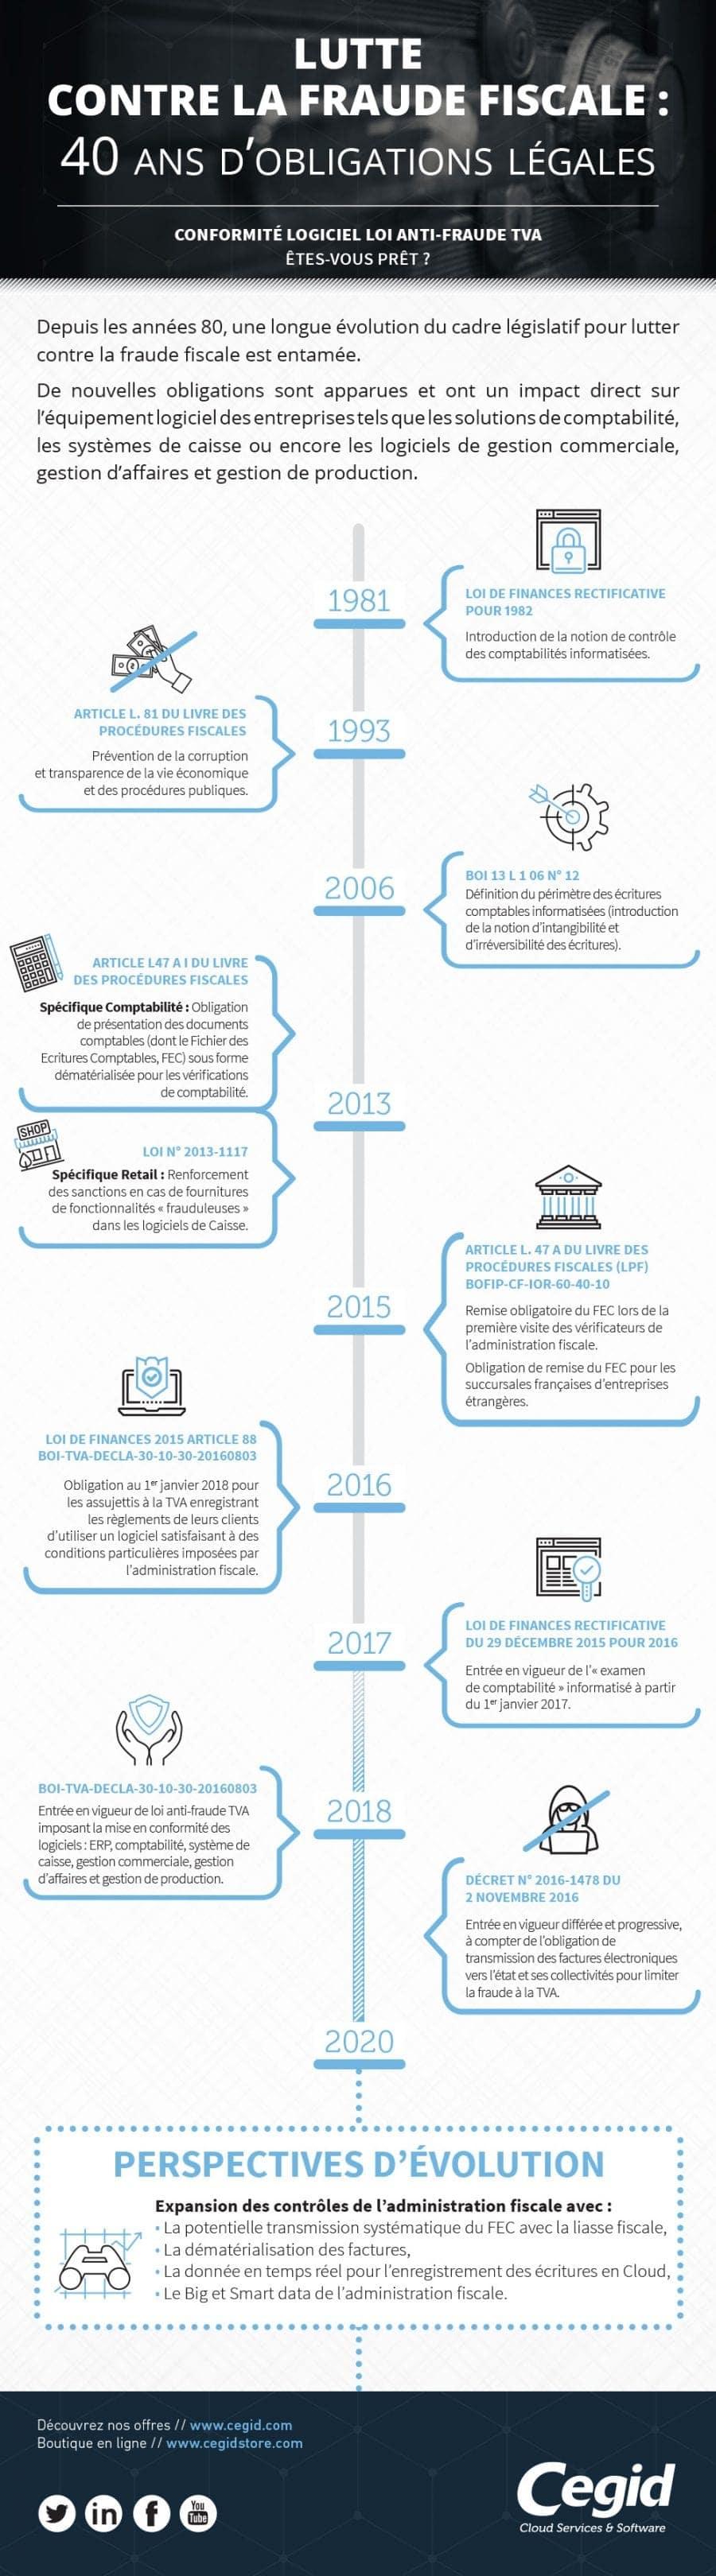 Loi anti fraude